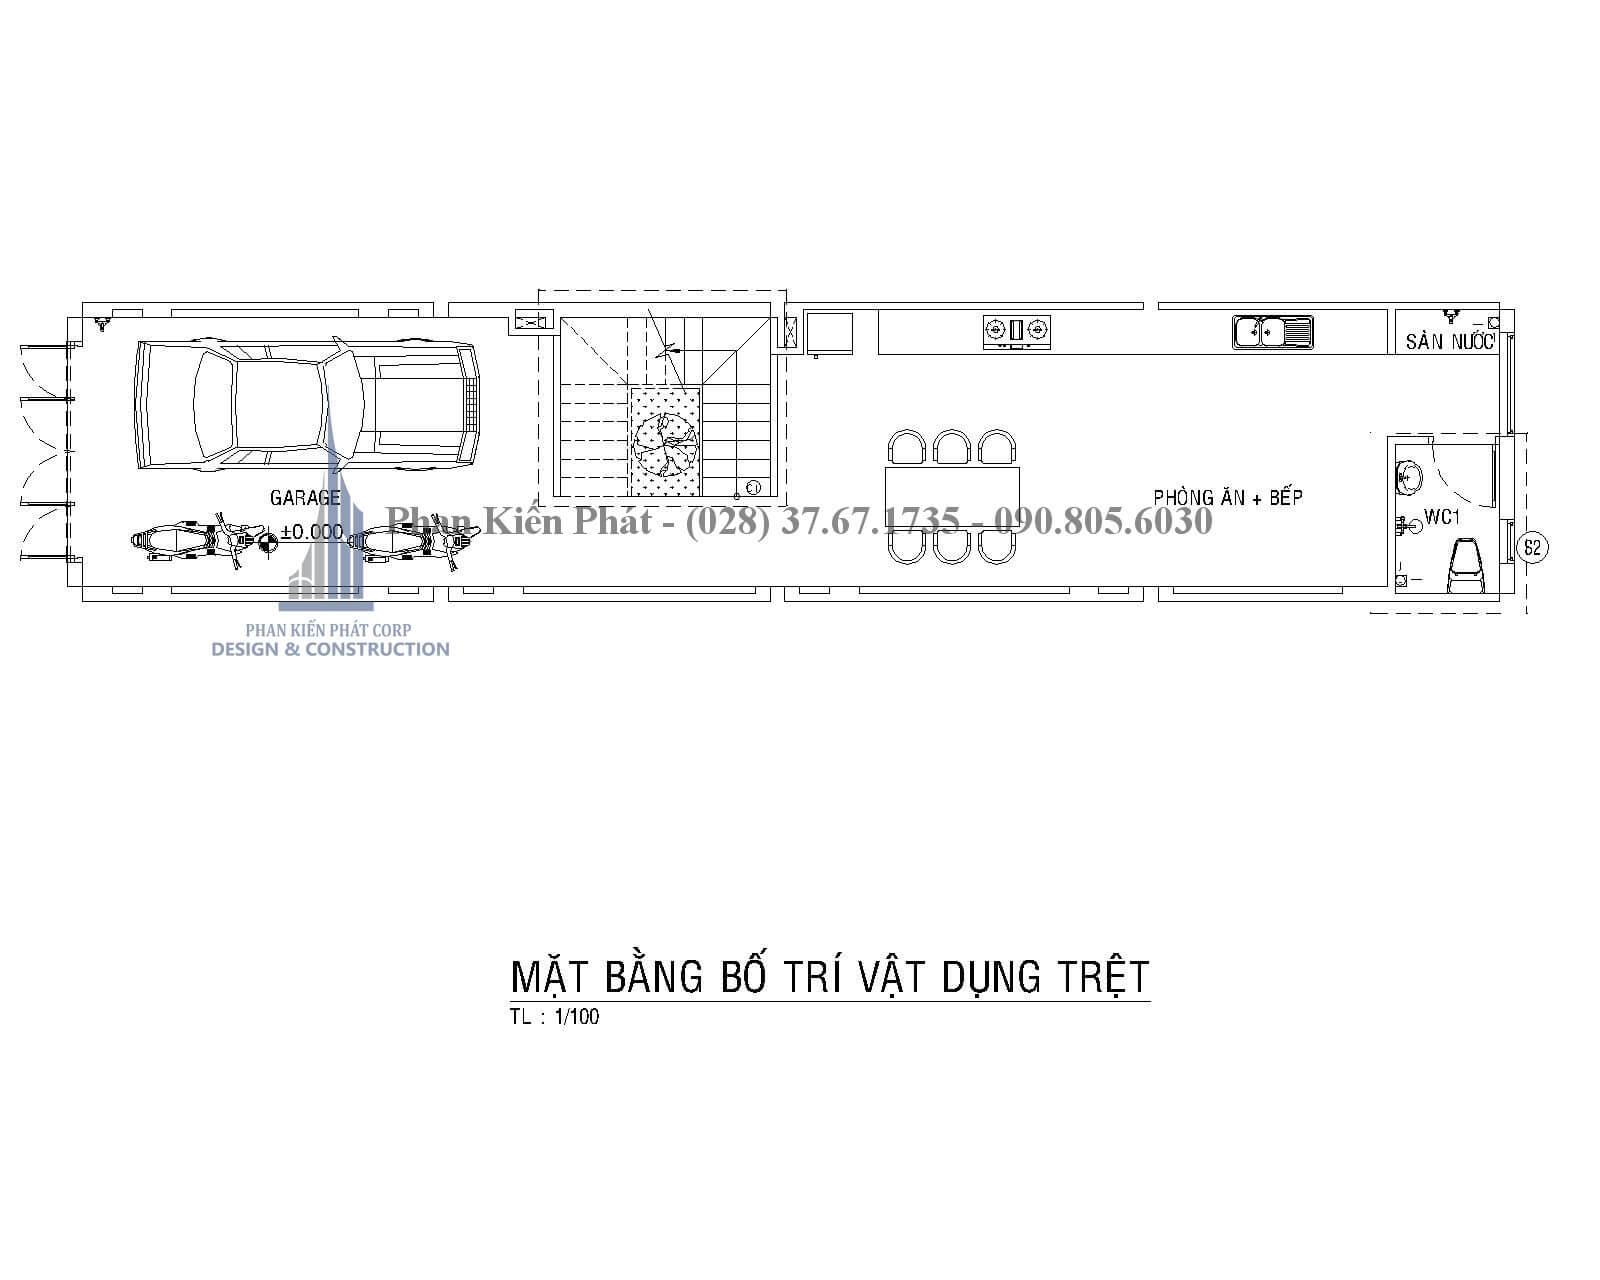 Thiet Ke Xay Dung Nha Dep Mat Bang Tret Nha Pho Mai Thai - mẫu nhà phố 3 tầng tân cổ điển